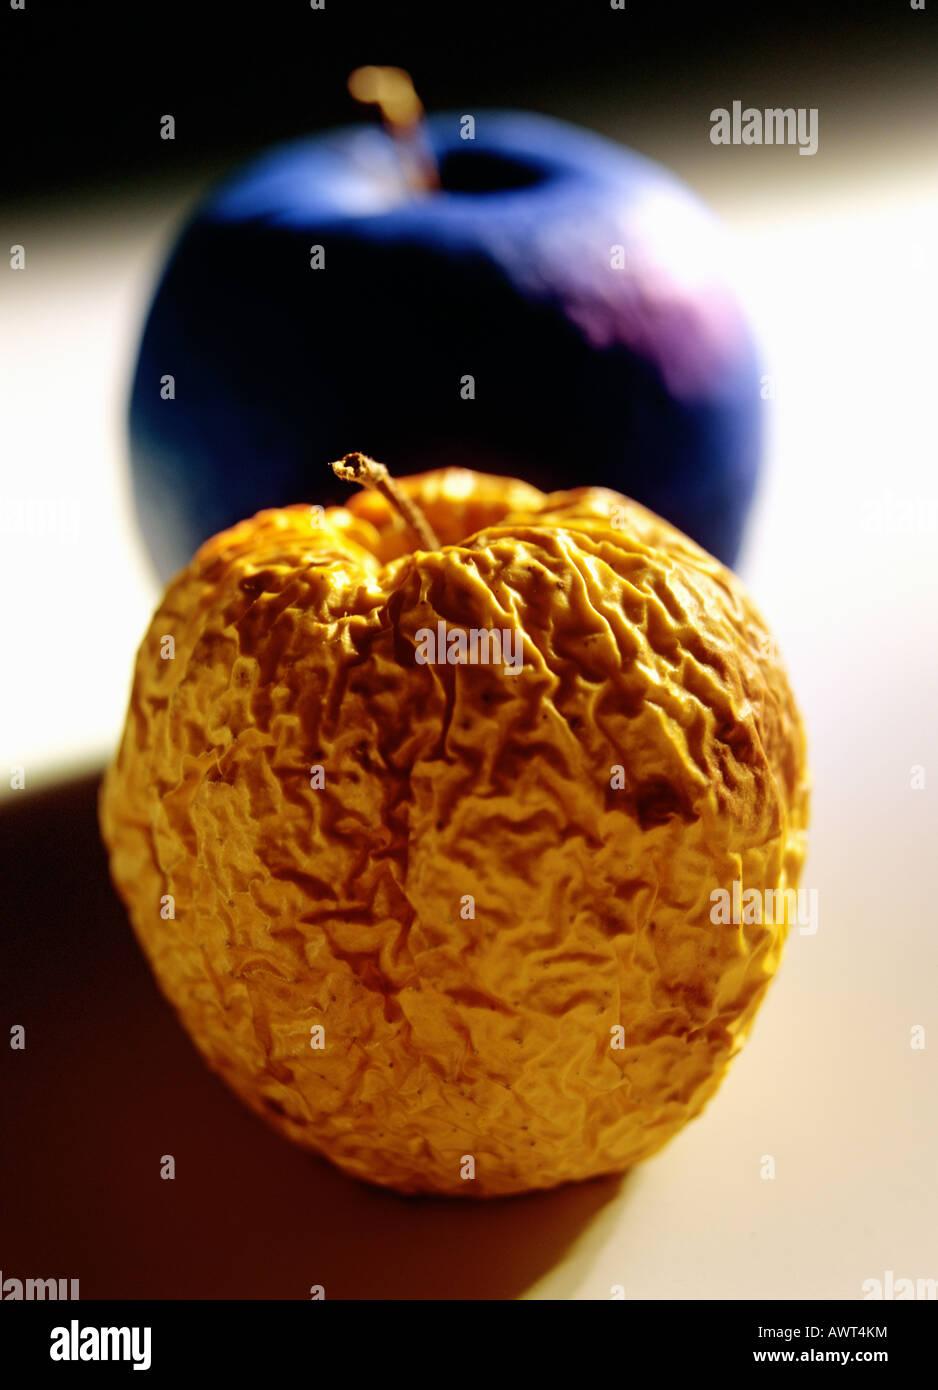 Eine faltige Golden Delicious Apfel und ein blauer Apfel Stockbild